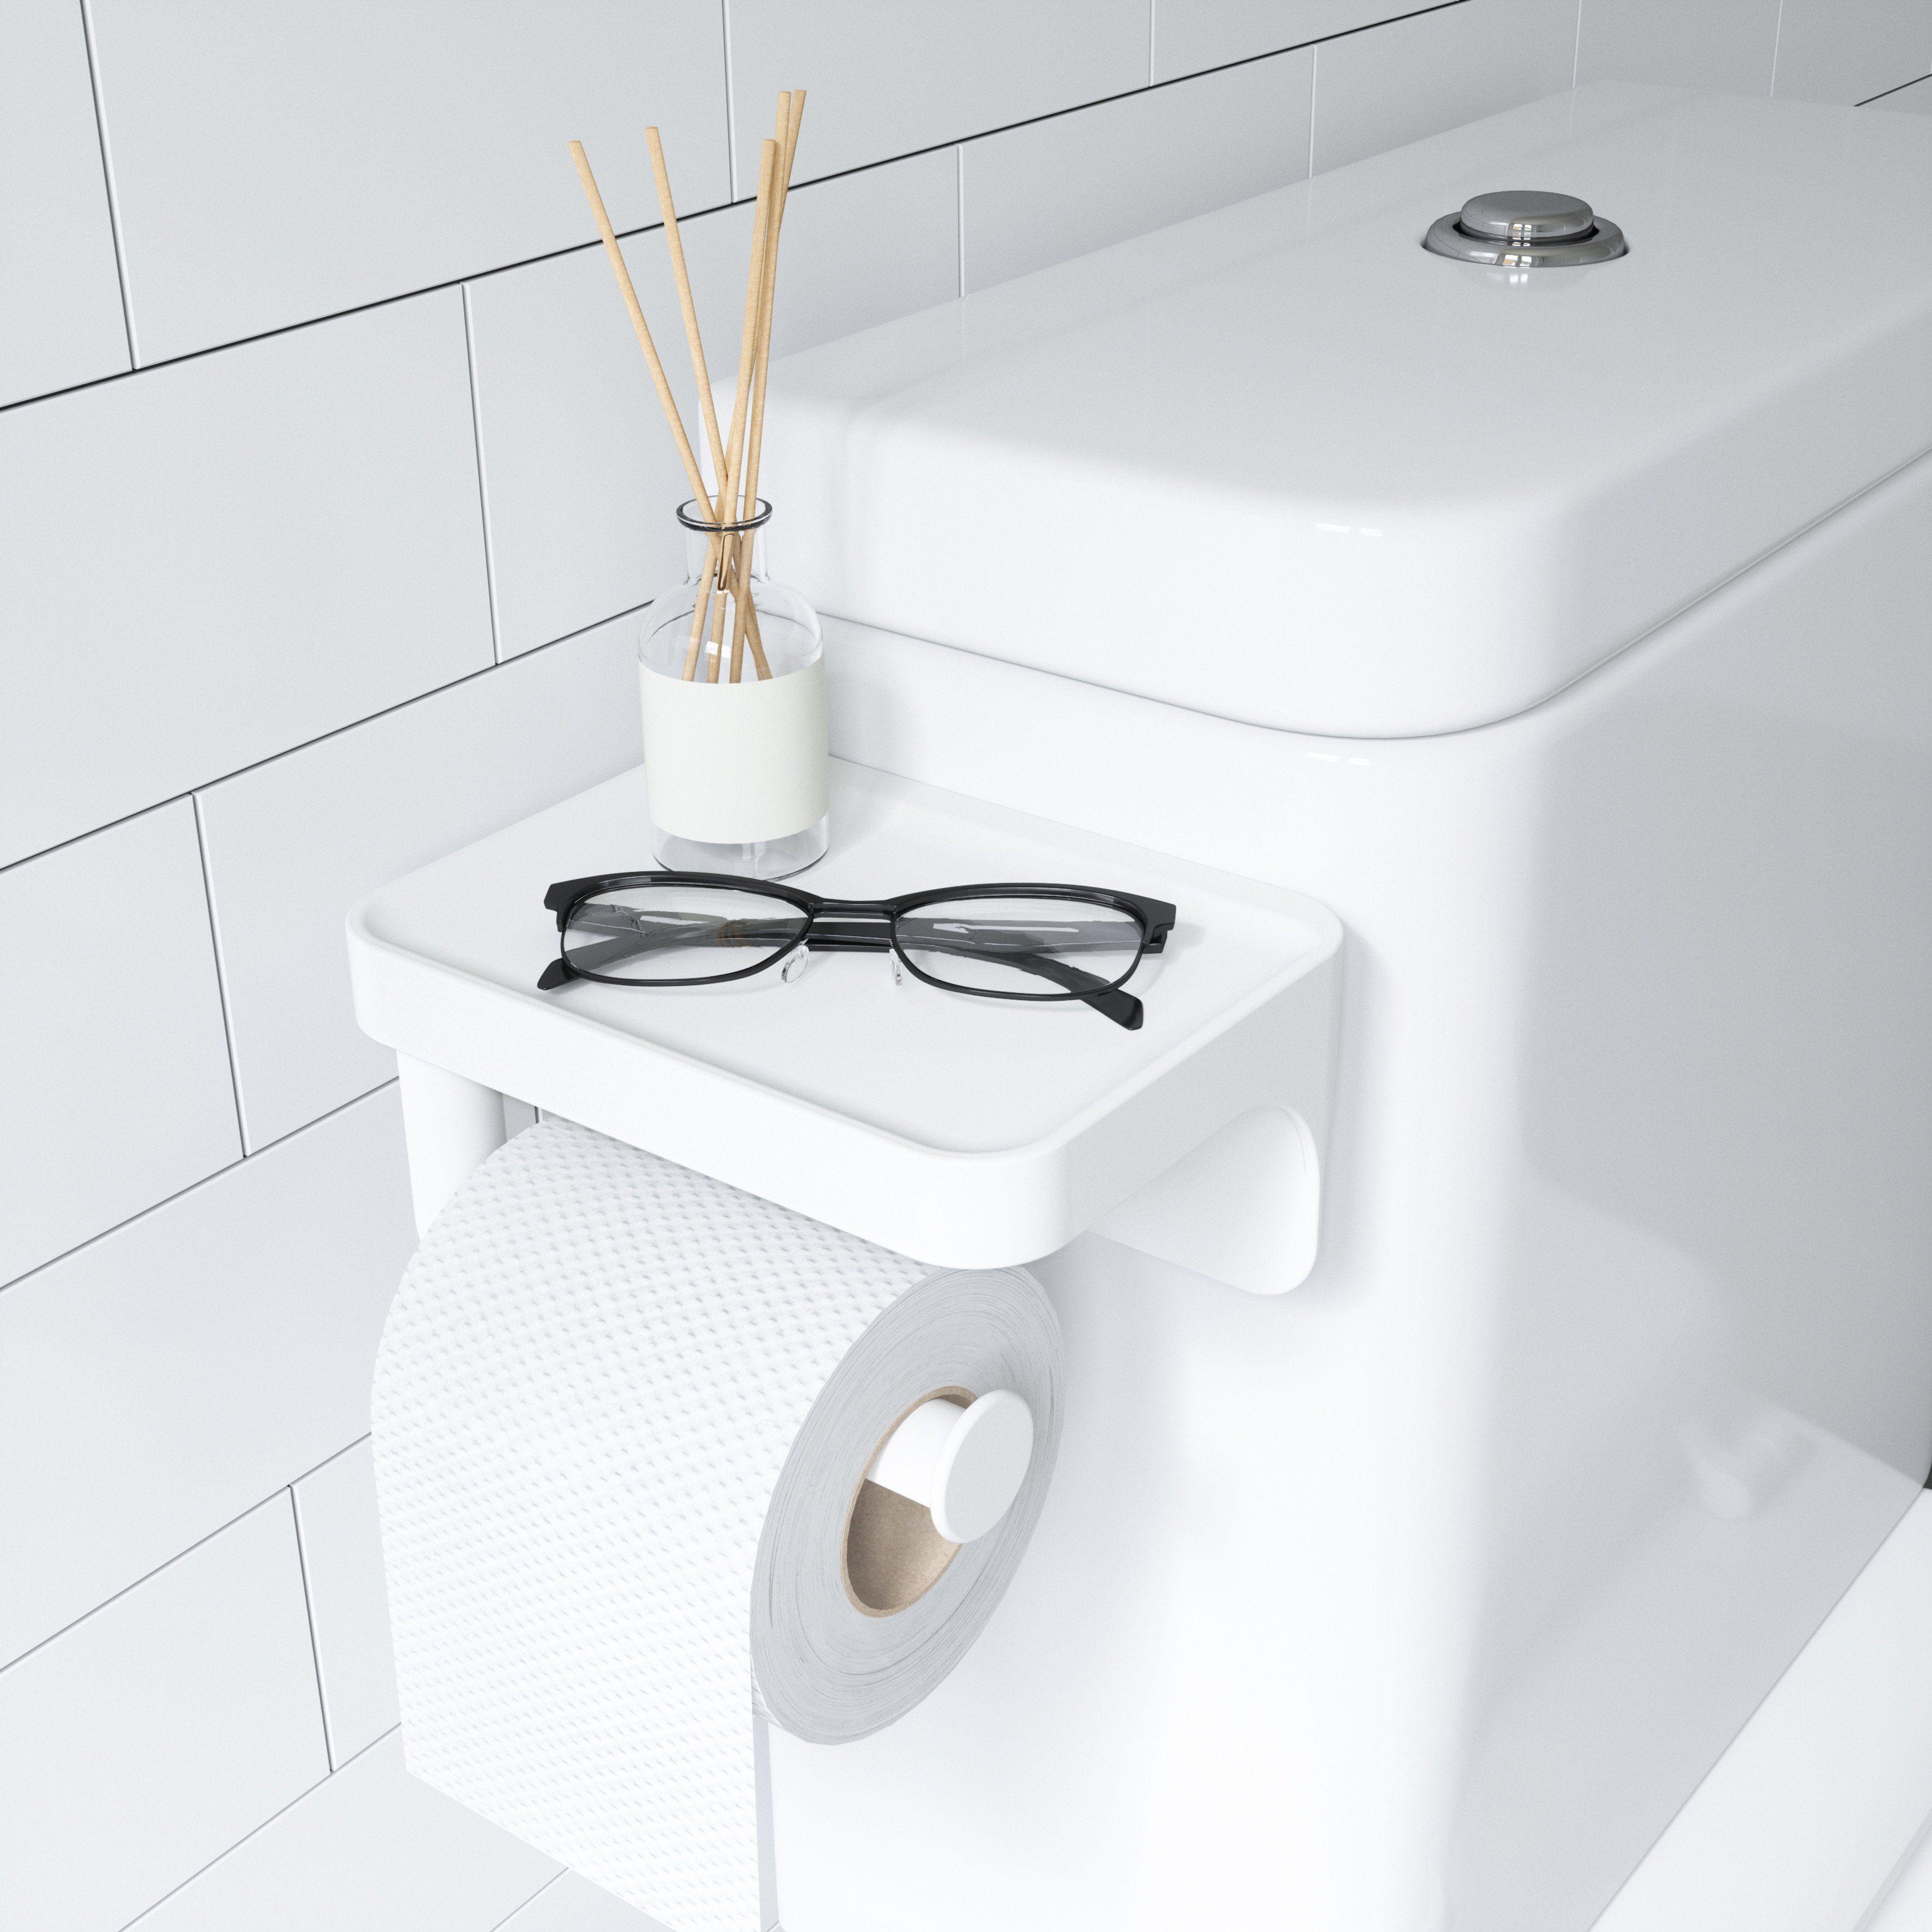 Flex Surelock Toilet Paper Holder Unique Toilet Paper Holder Toilet Paper Stand Toilet Paper Holder